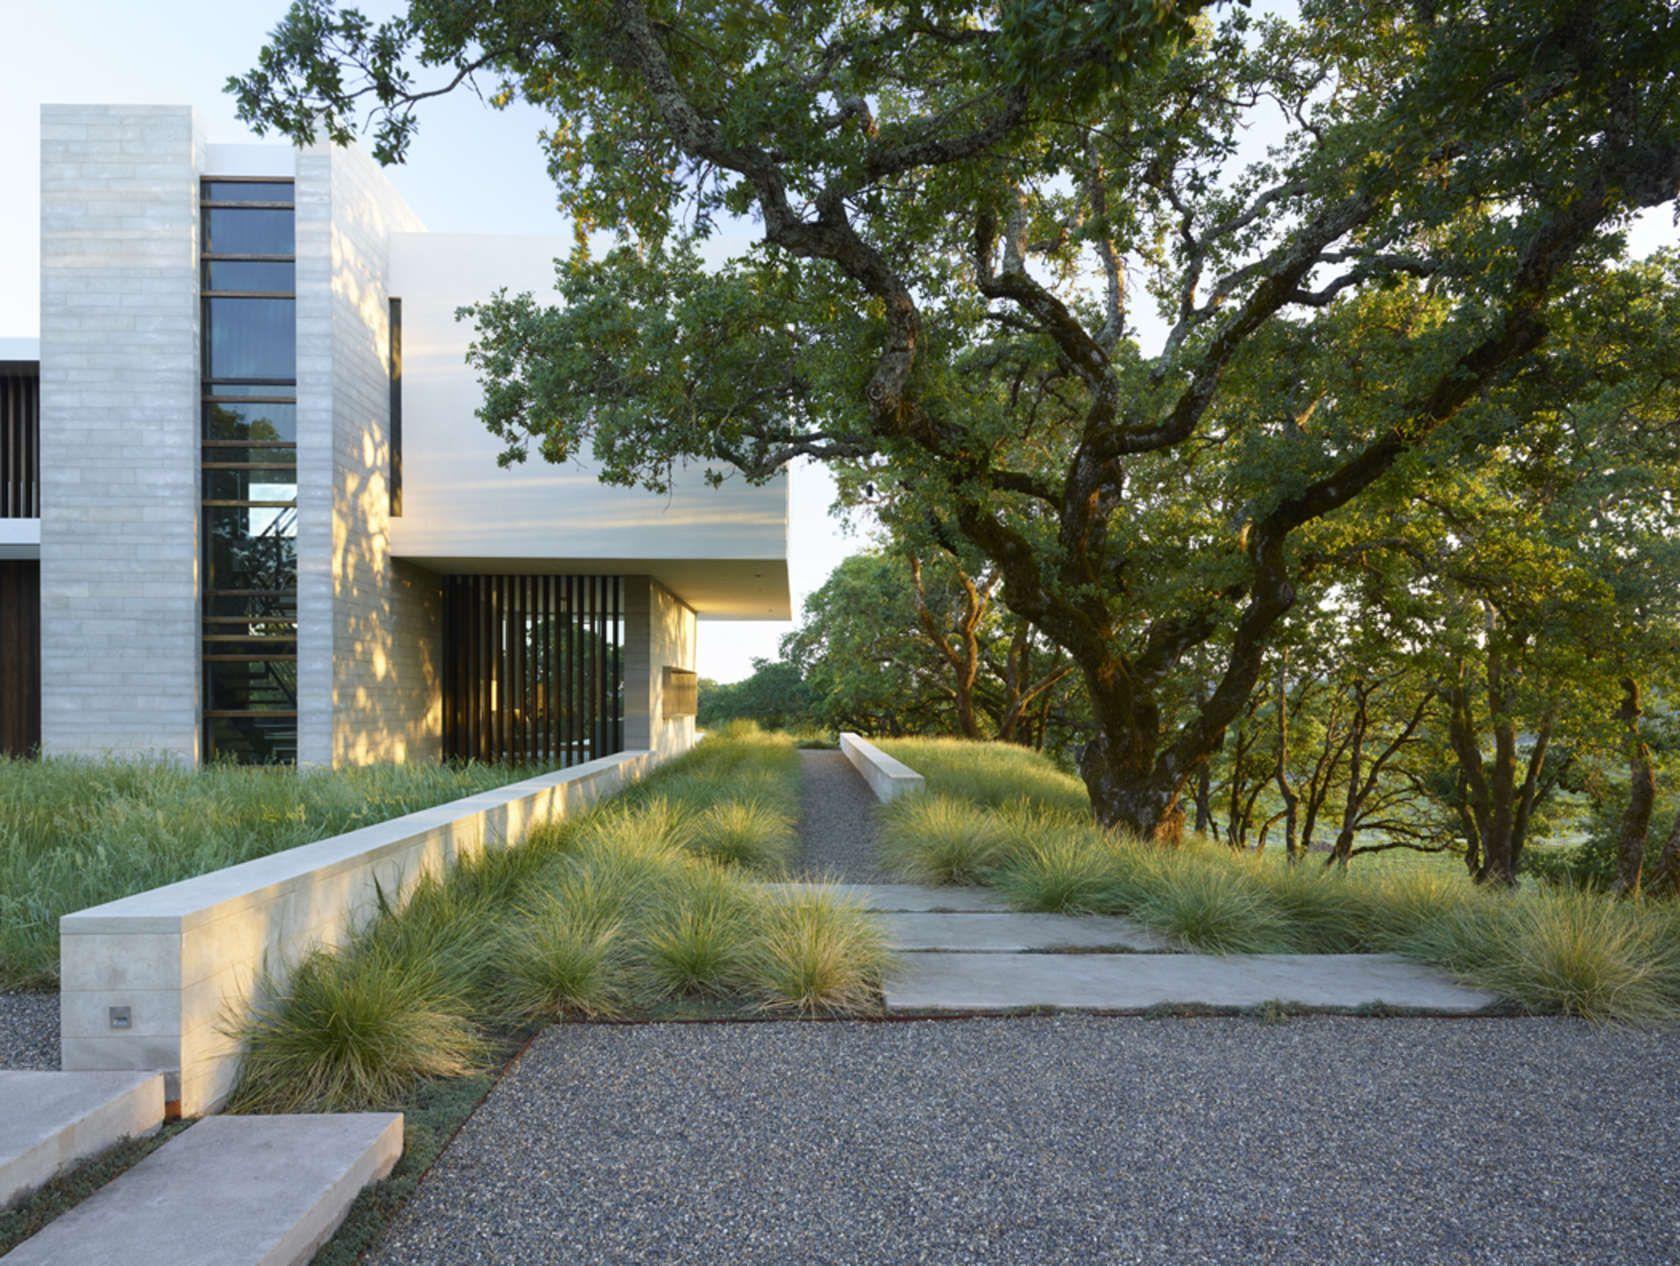 4616a8890bf487c2f6763fad10b26af1 Jpg 1 680 1 266 Pixels Modern Landscaping Contemporary Landscape Contemporary Landscape Design